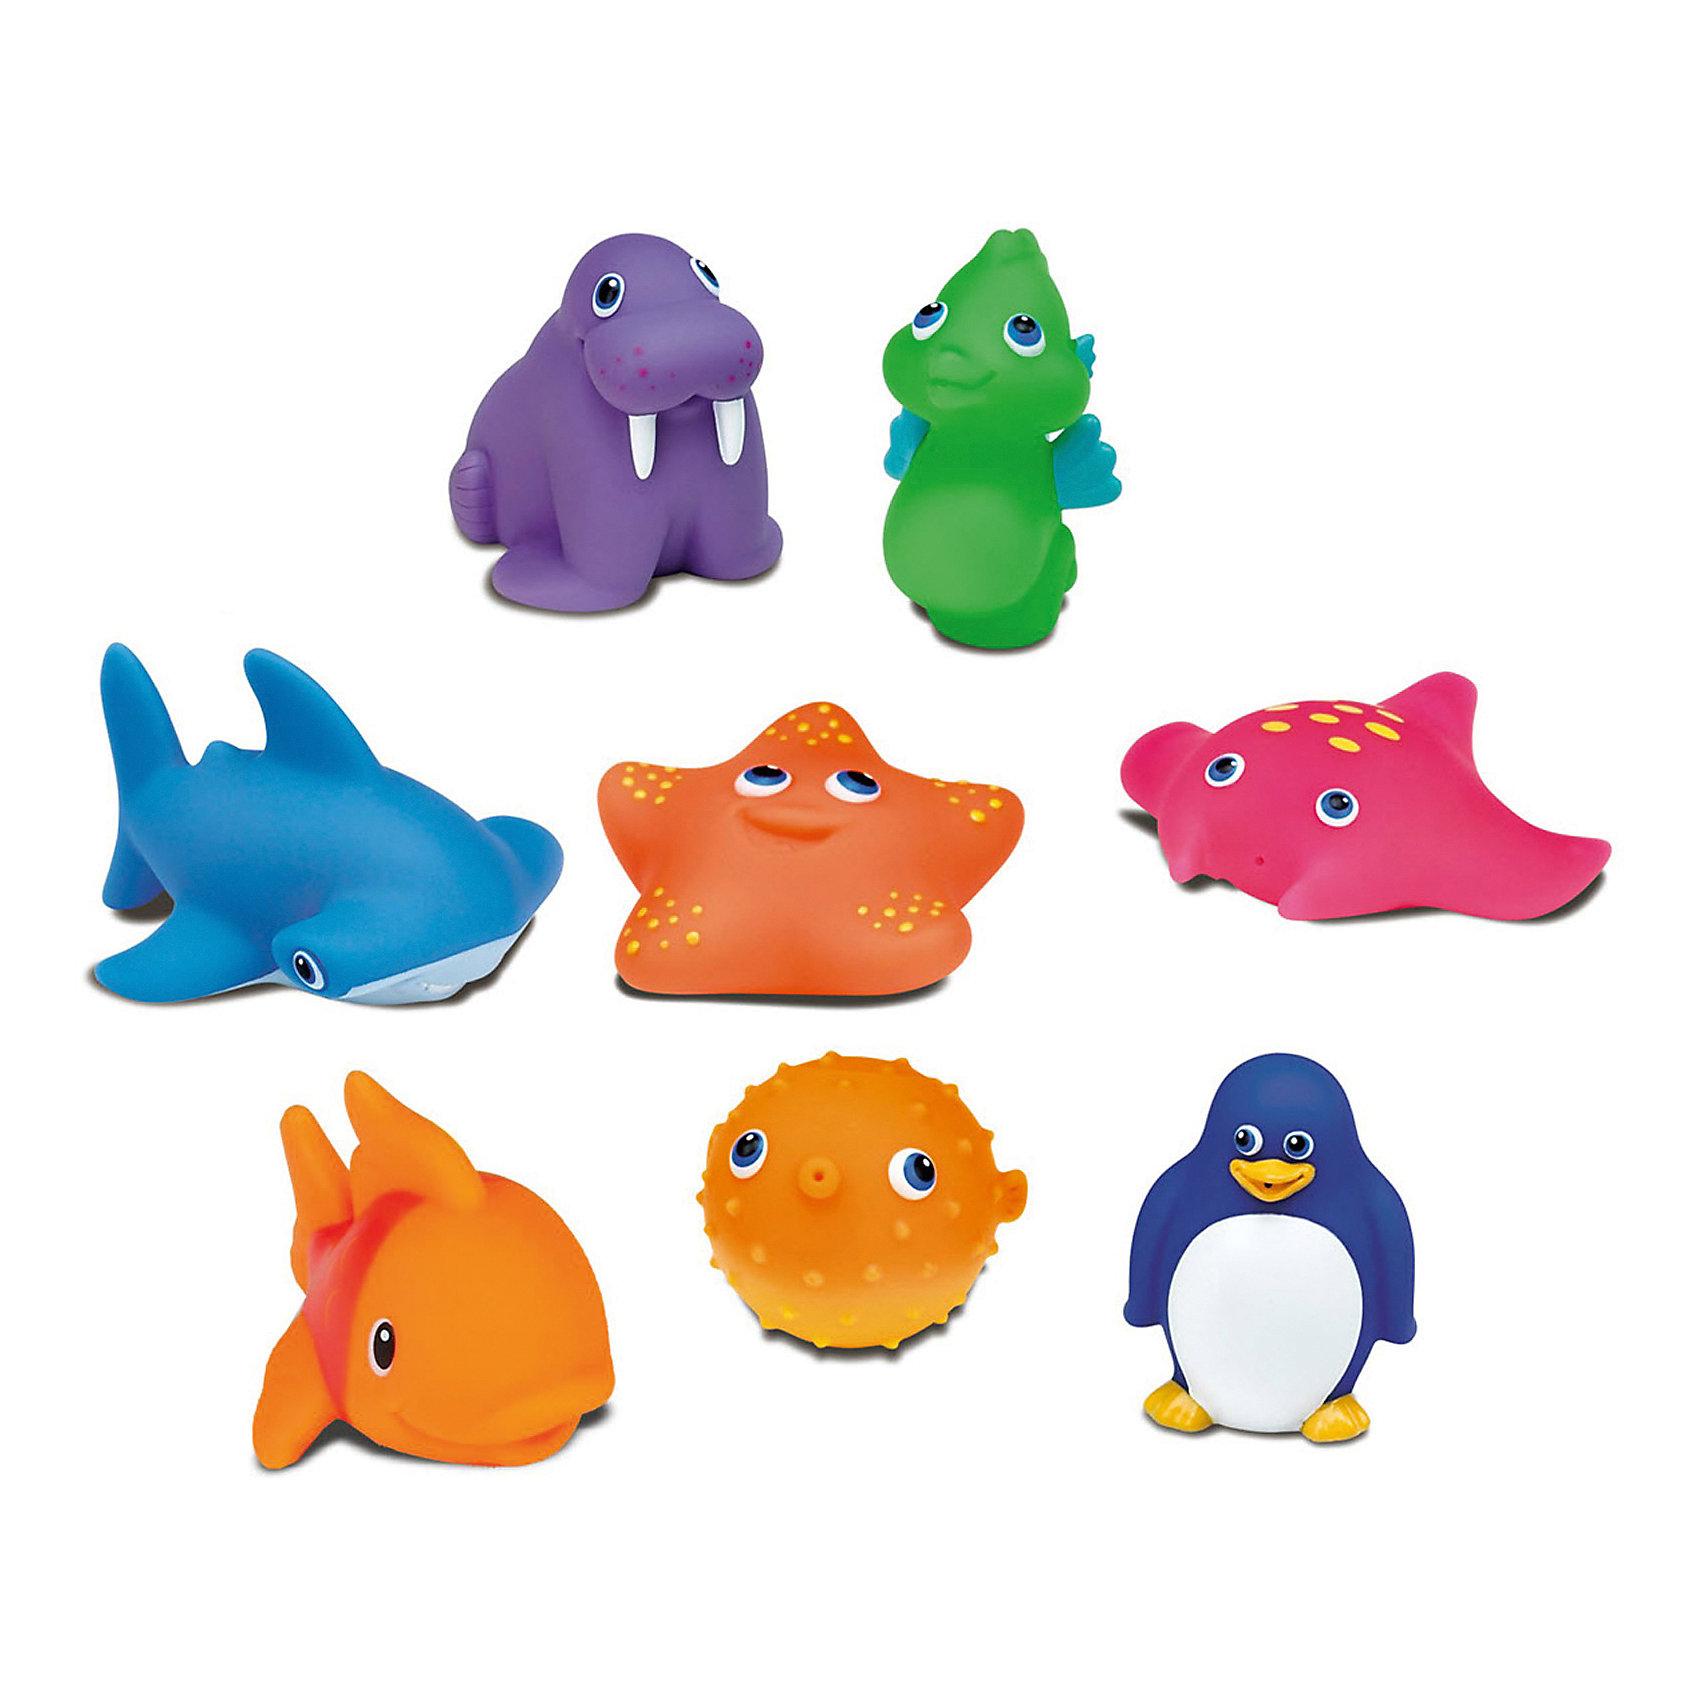 Игрушки для ванны Морские животные, с 9 мес., MunchkinИгрушки для ванны<br>Игрушки для ванной Munchkin (Манчкин) Морские животные непременно понравится вашему ребенку и превратит купание в веселую игру! Набор включает в себя 8 игрушек. Яркие игрушки выполнены из мягкого безопасного материала и приятны на ощупь. Если сначала набрать воду в игрушки, а потом нажать на них, то изо рта брызнет тонкая струя воды, что, несомненно, развеселит вашего малыша. Игрушки для ванной Морские животные способствует развитию воображения, цветового восприятия, тактильных ощущений и мелкой моторики рук.<br><br>Дополнительная информация:<br><br>- В комплекте: 8 игрушек-брызгалок<br>- Материал: ПВХ (поливинилхлорид)<br>- Размер упаковки: 7 х 16 х 18 см.<br>- Не содержит бисфенол А<br><br>Игрушки для ванной Морские животные, Munchkin (Манчкин) можно купить в нашем интернет-магазине.<br><br>Ширина мм: 90<br>Глубина мм: 90<br>Высота мм: 280<br>Вес г: 200<br>Возраст от месяцев: 9<br>Возраст до месяцев: 36<br>Пол: Унисекс<br>Возраст: Детский<br>SKU: 5251532